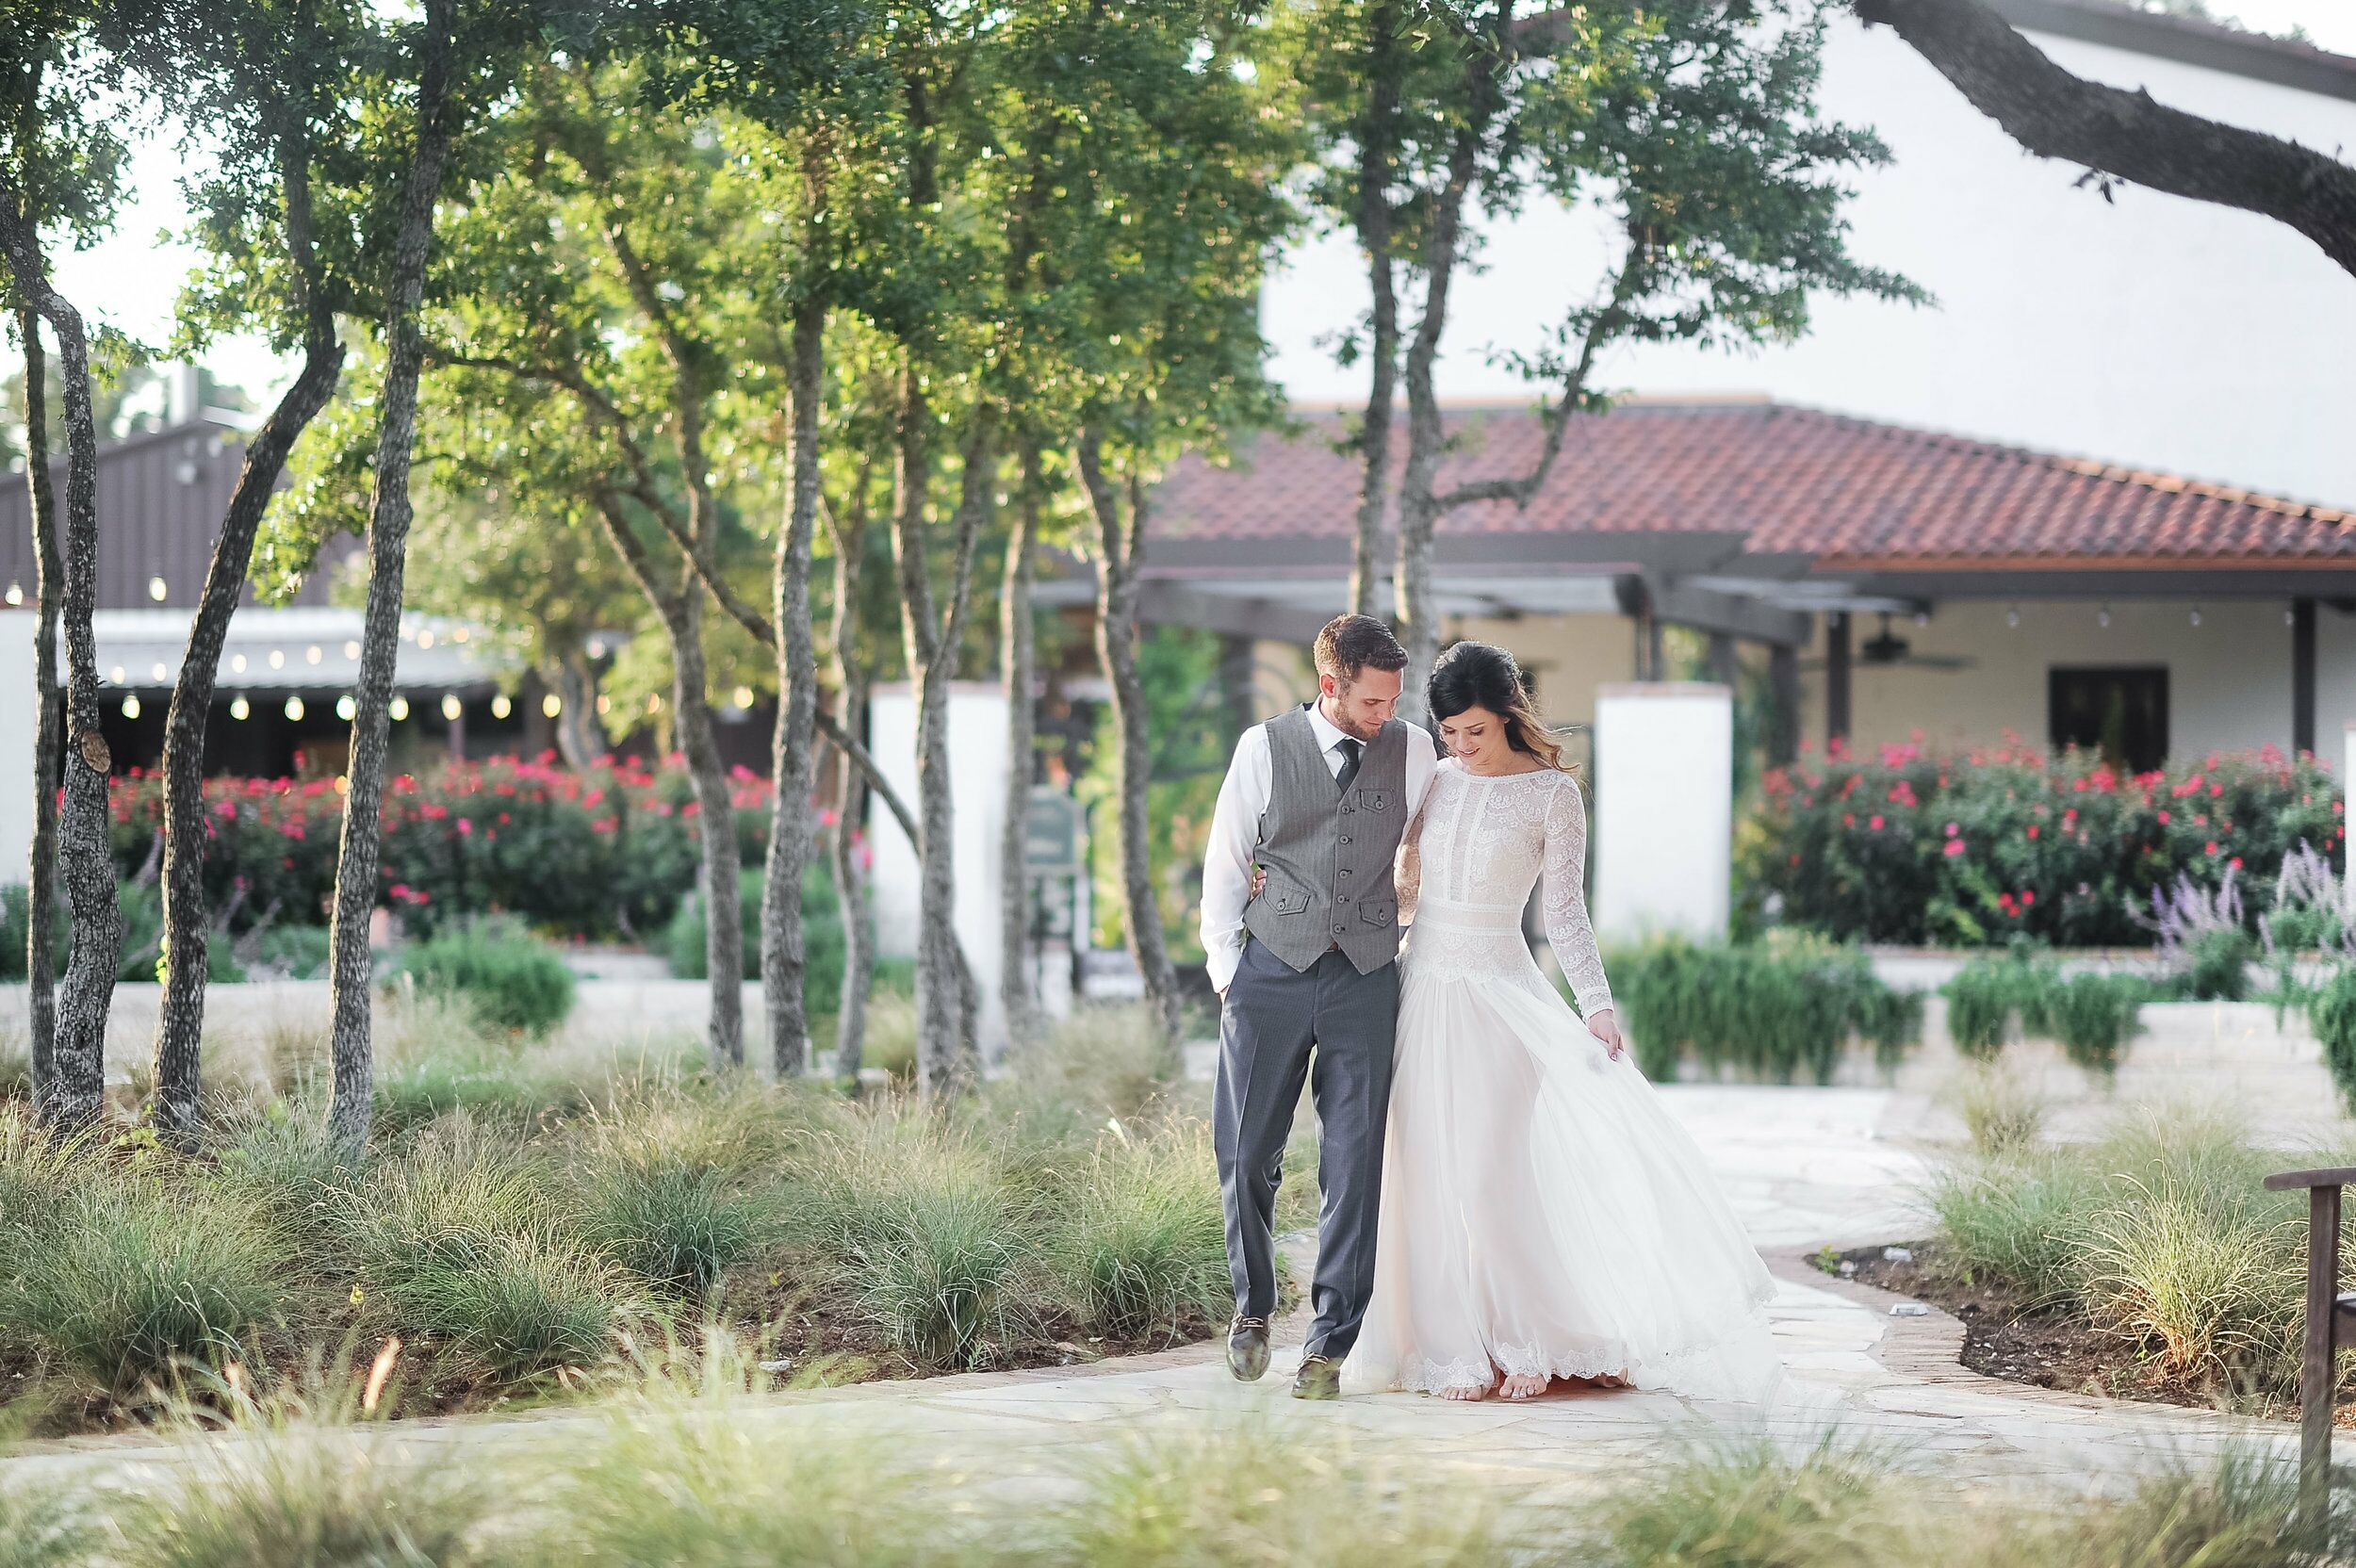 Wedding Reception Venues In Buda TX